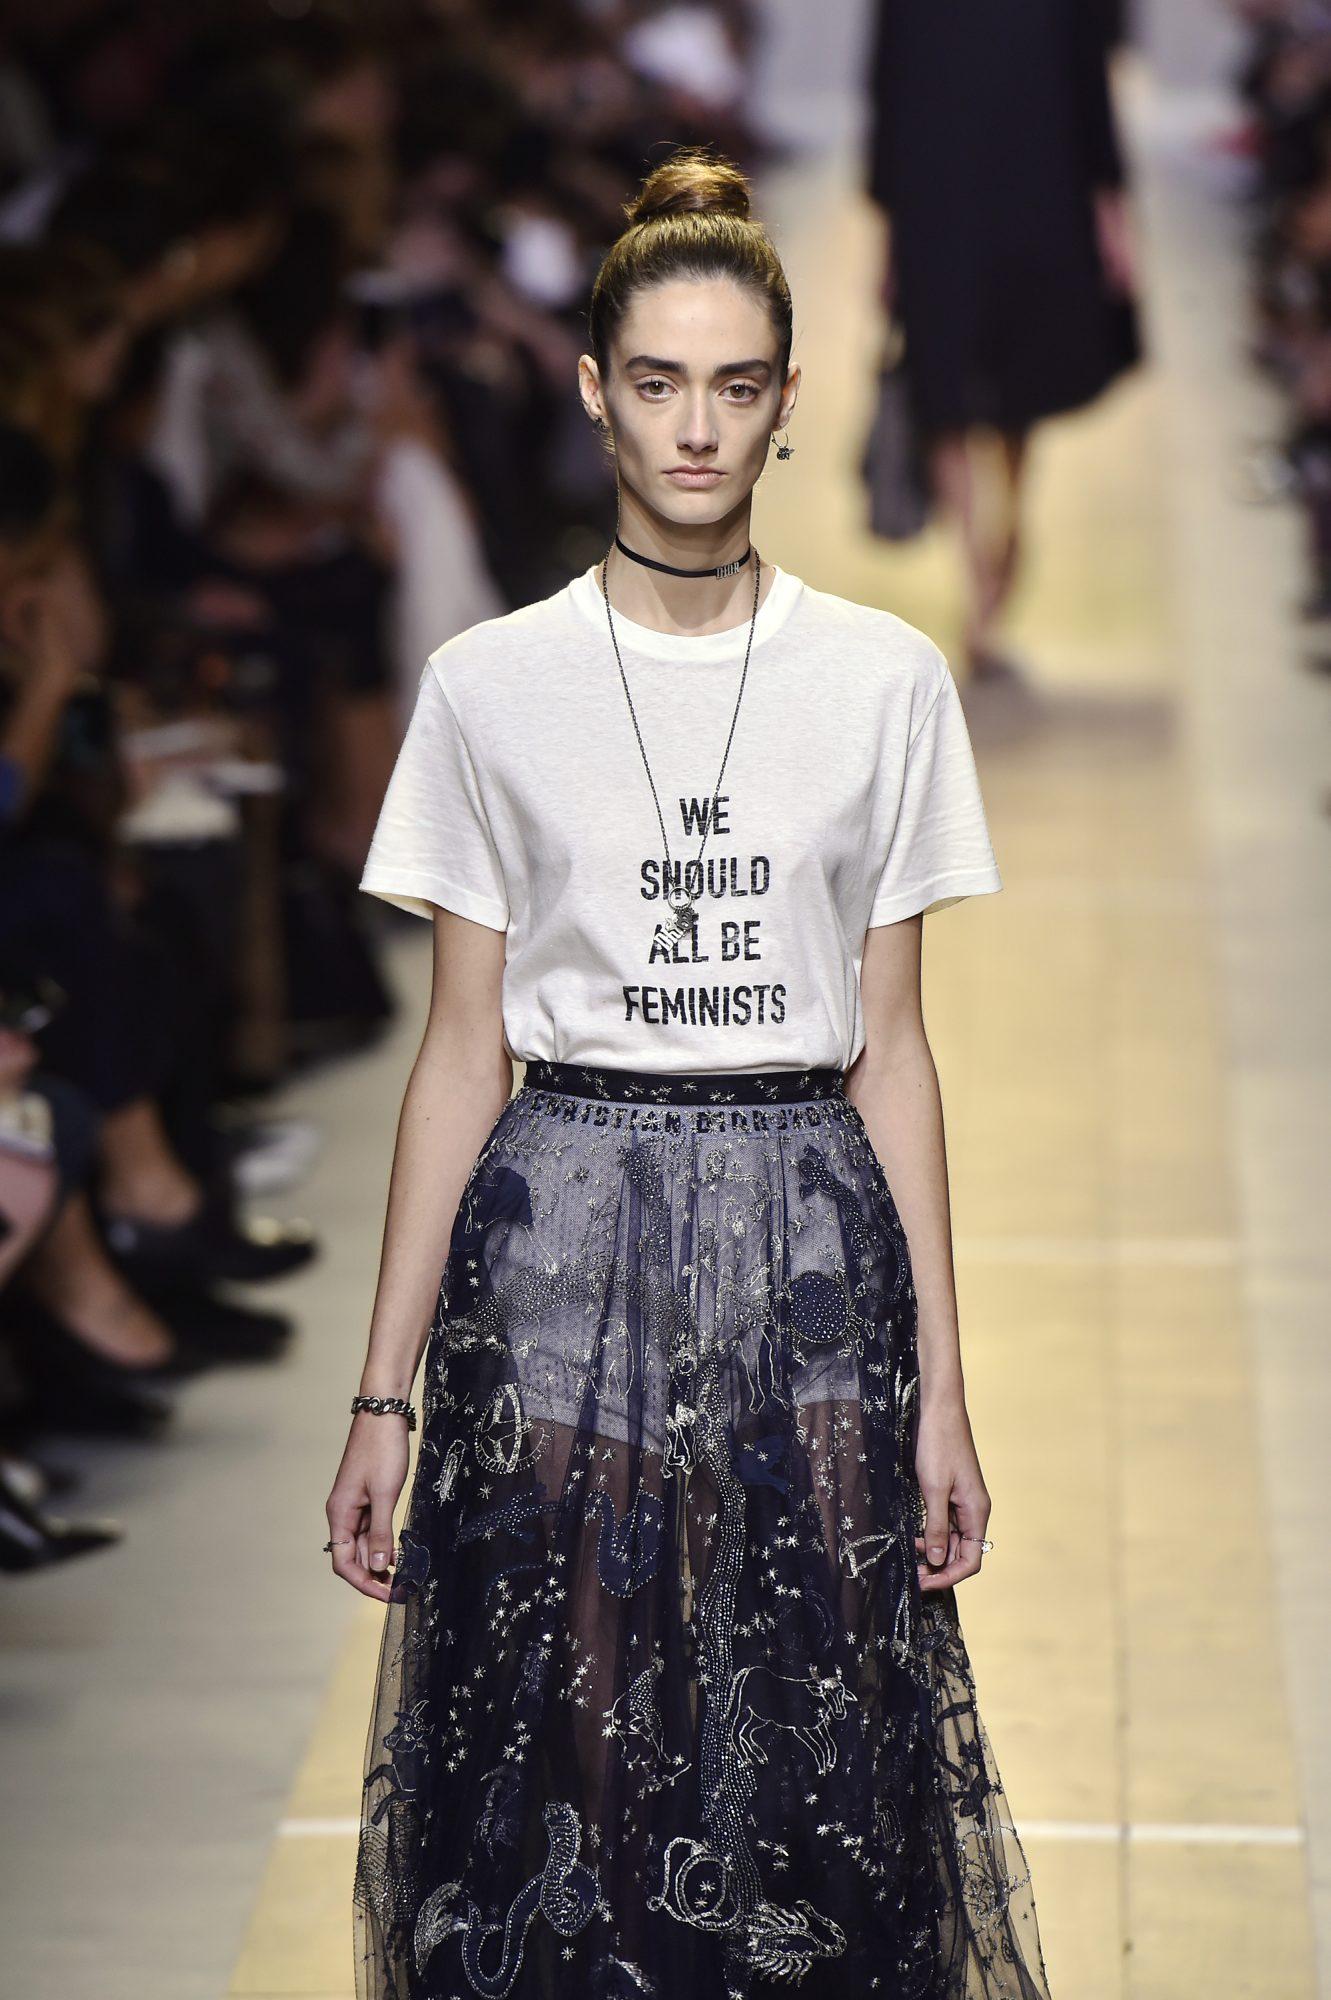 Penelope Cruz camiseta feminista Dior